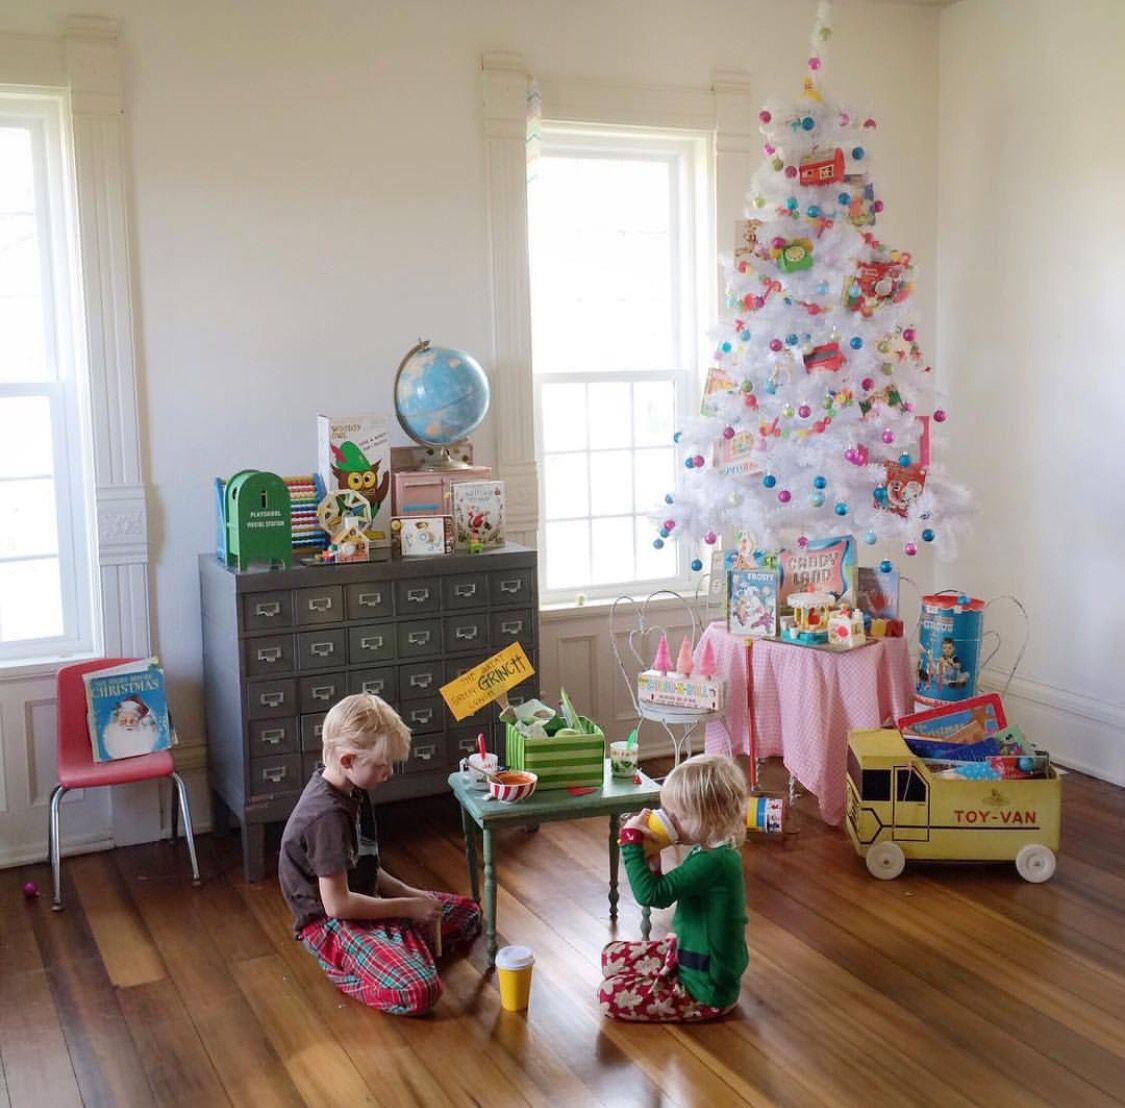 Home Daycare Design Ideas: Kids Rugs, Candyland, Instagram Posts